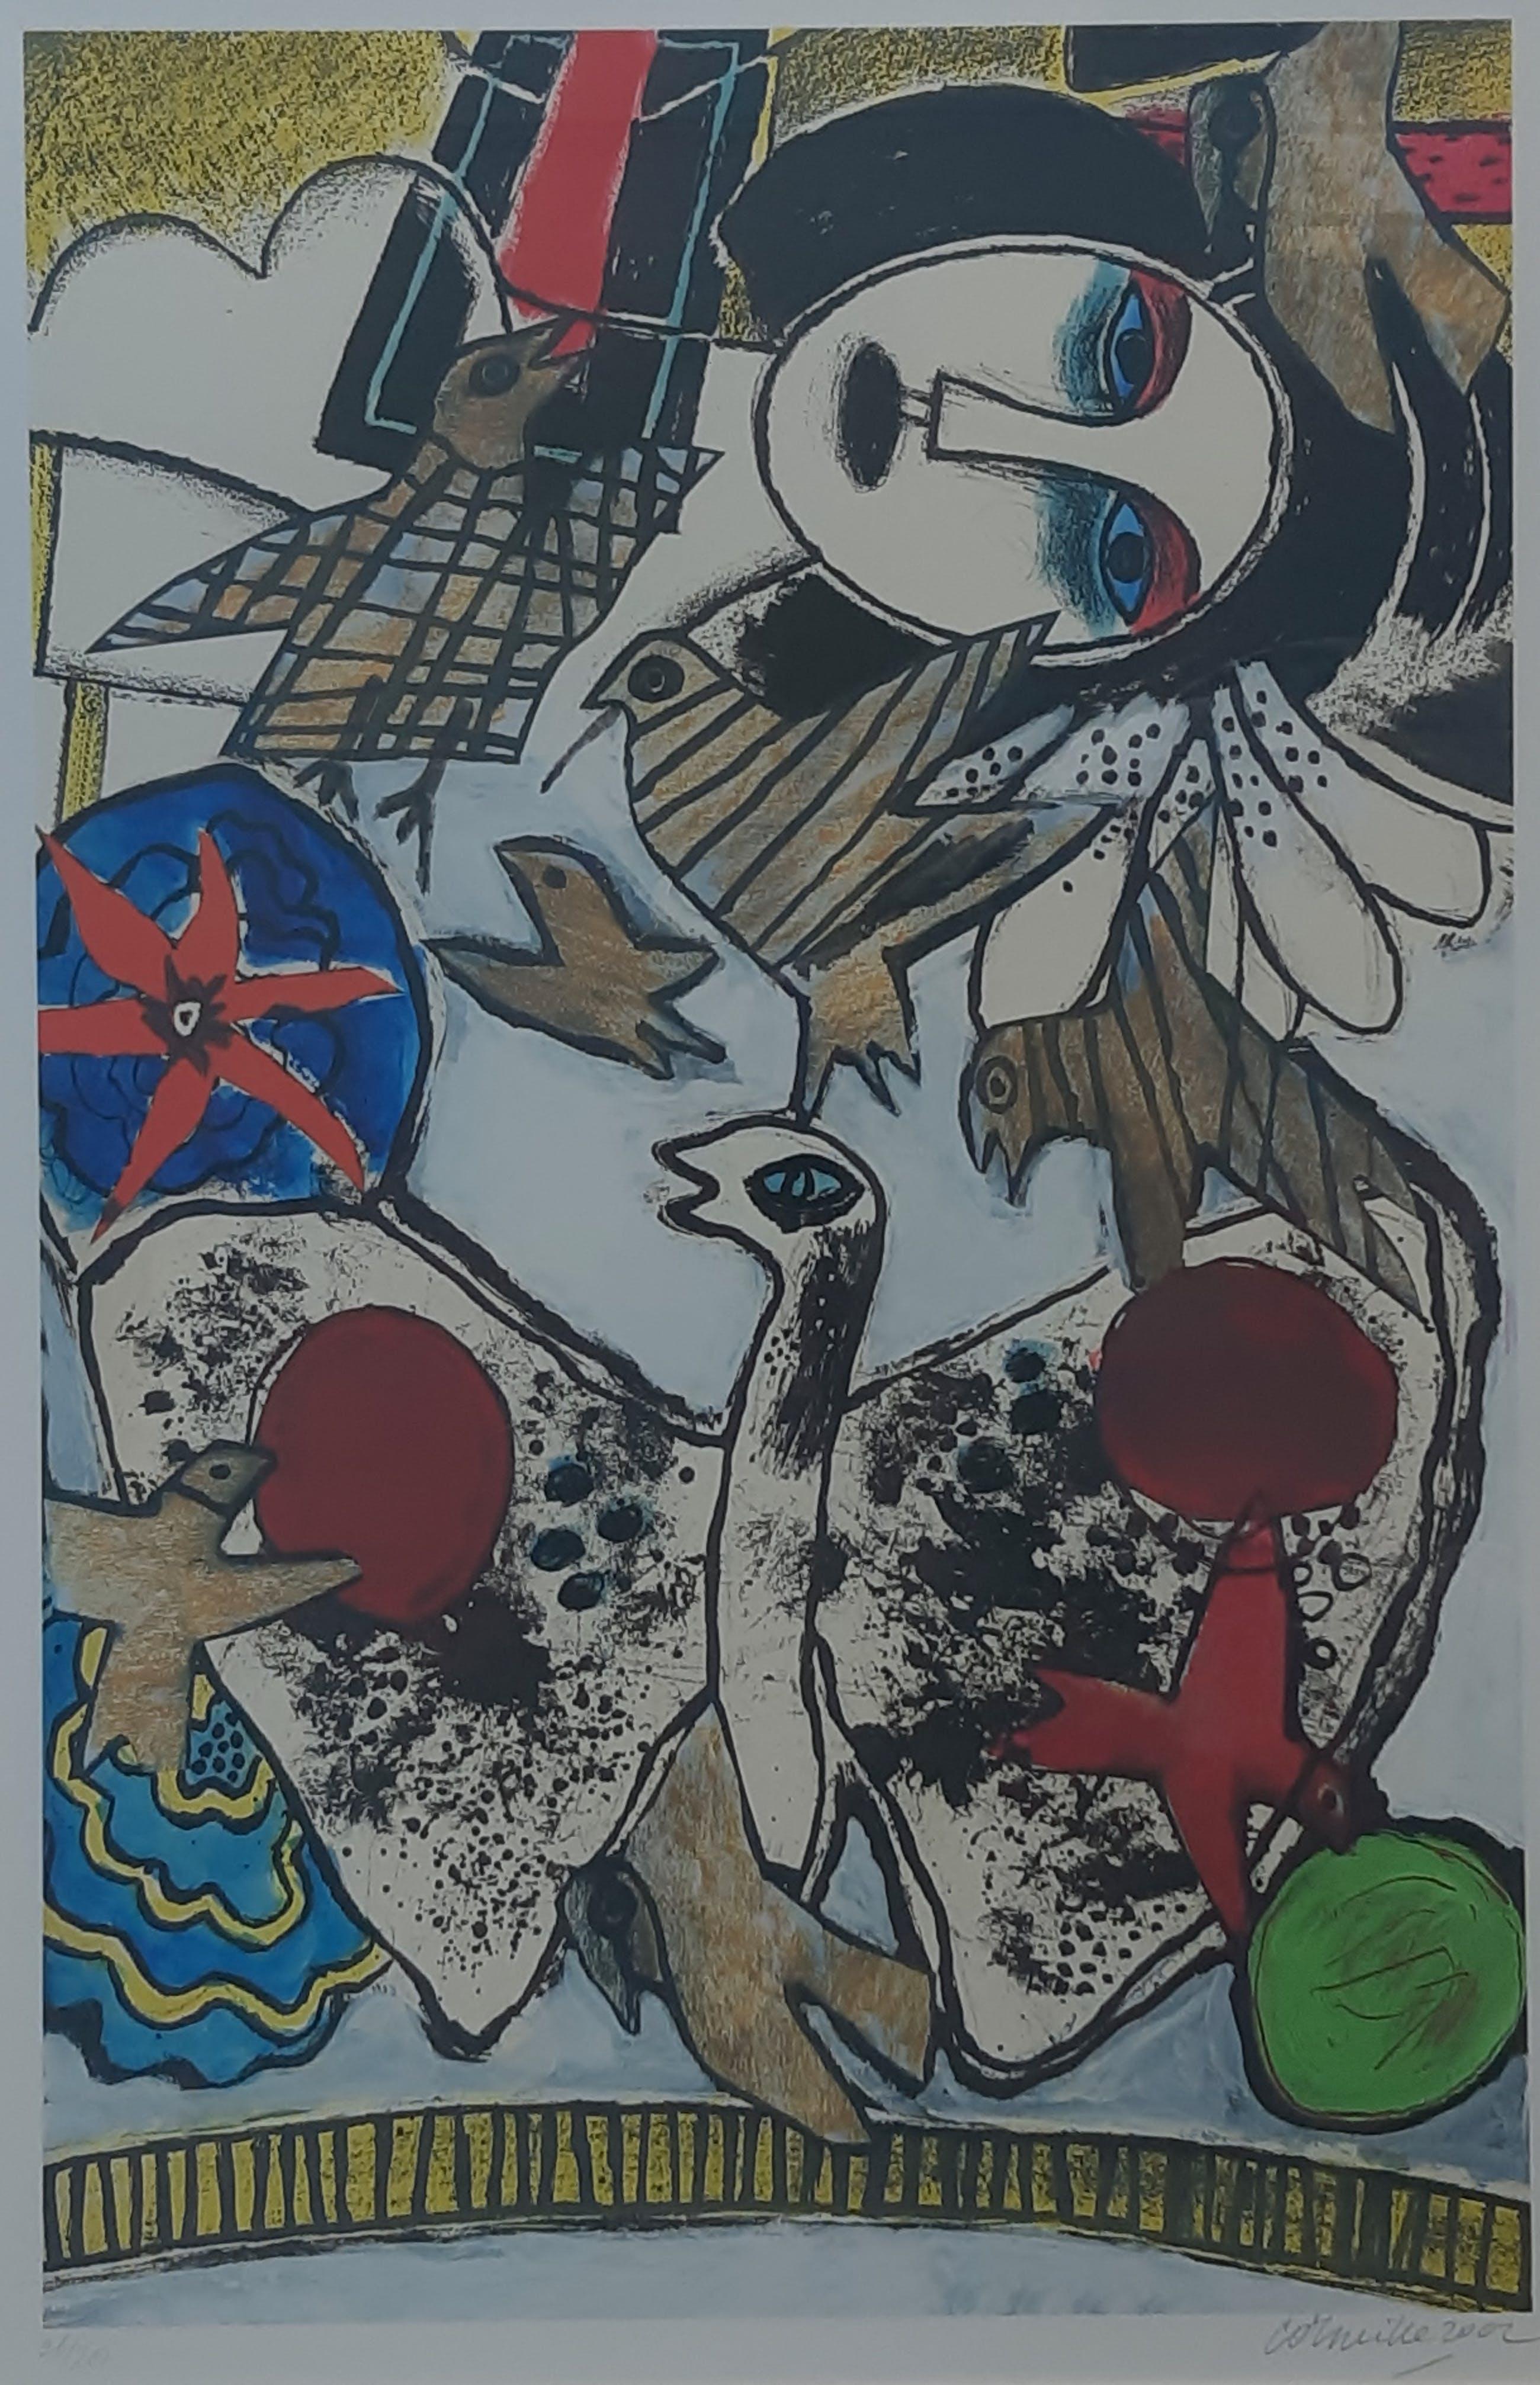 """Corneille - """"L 'Oiseau Papillon"""" - Grote, fraai ingelijste zeefdruk uit 2002 kopen? Bied vanaf 275!"""